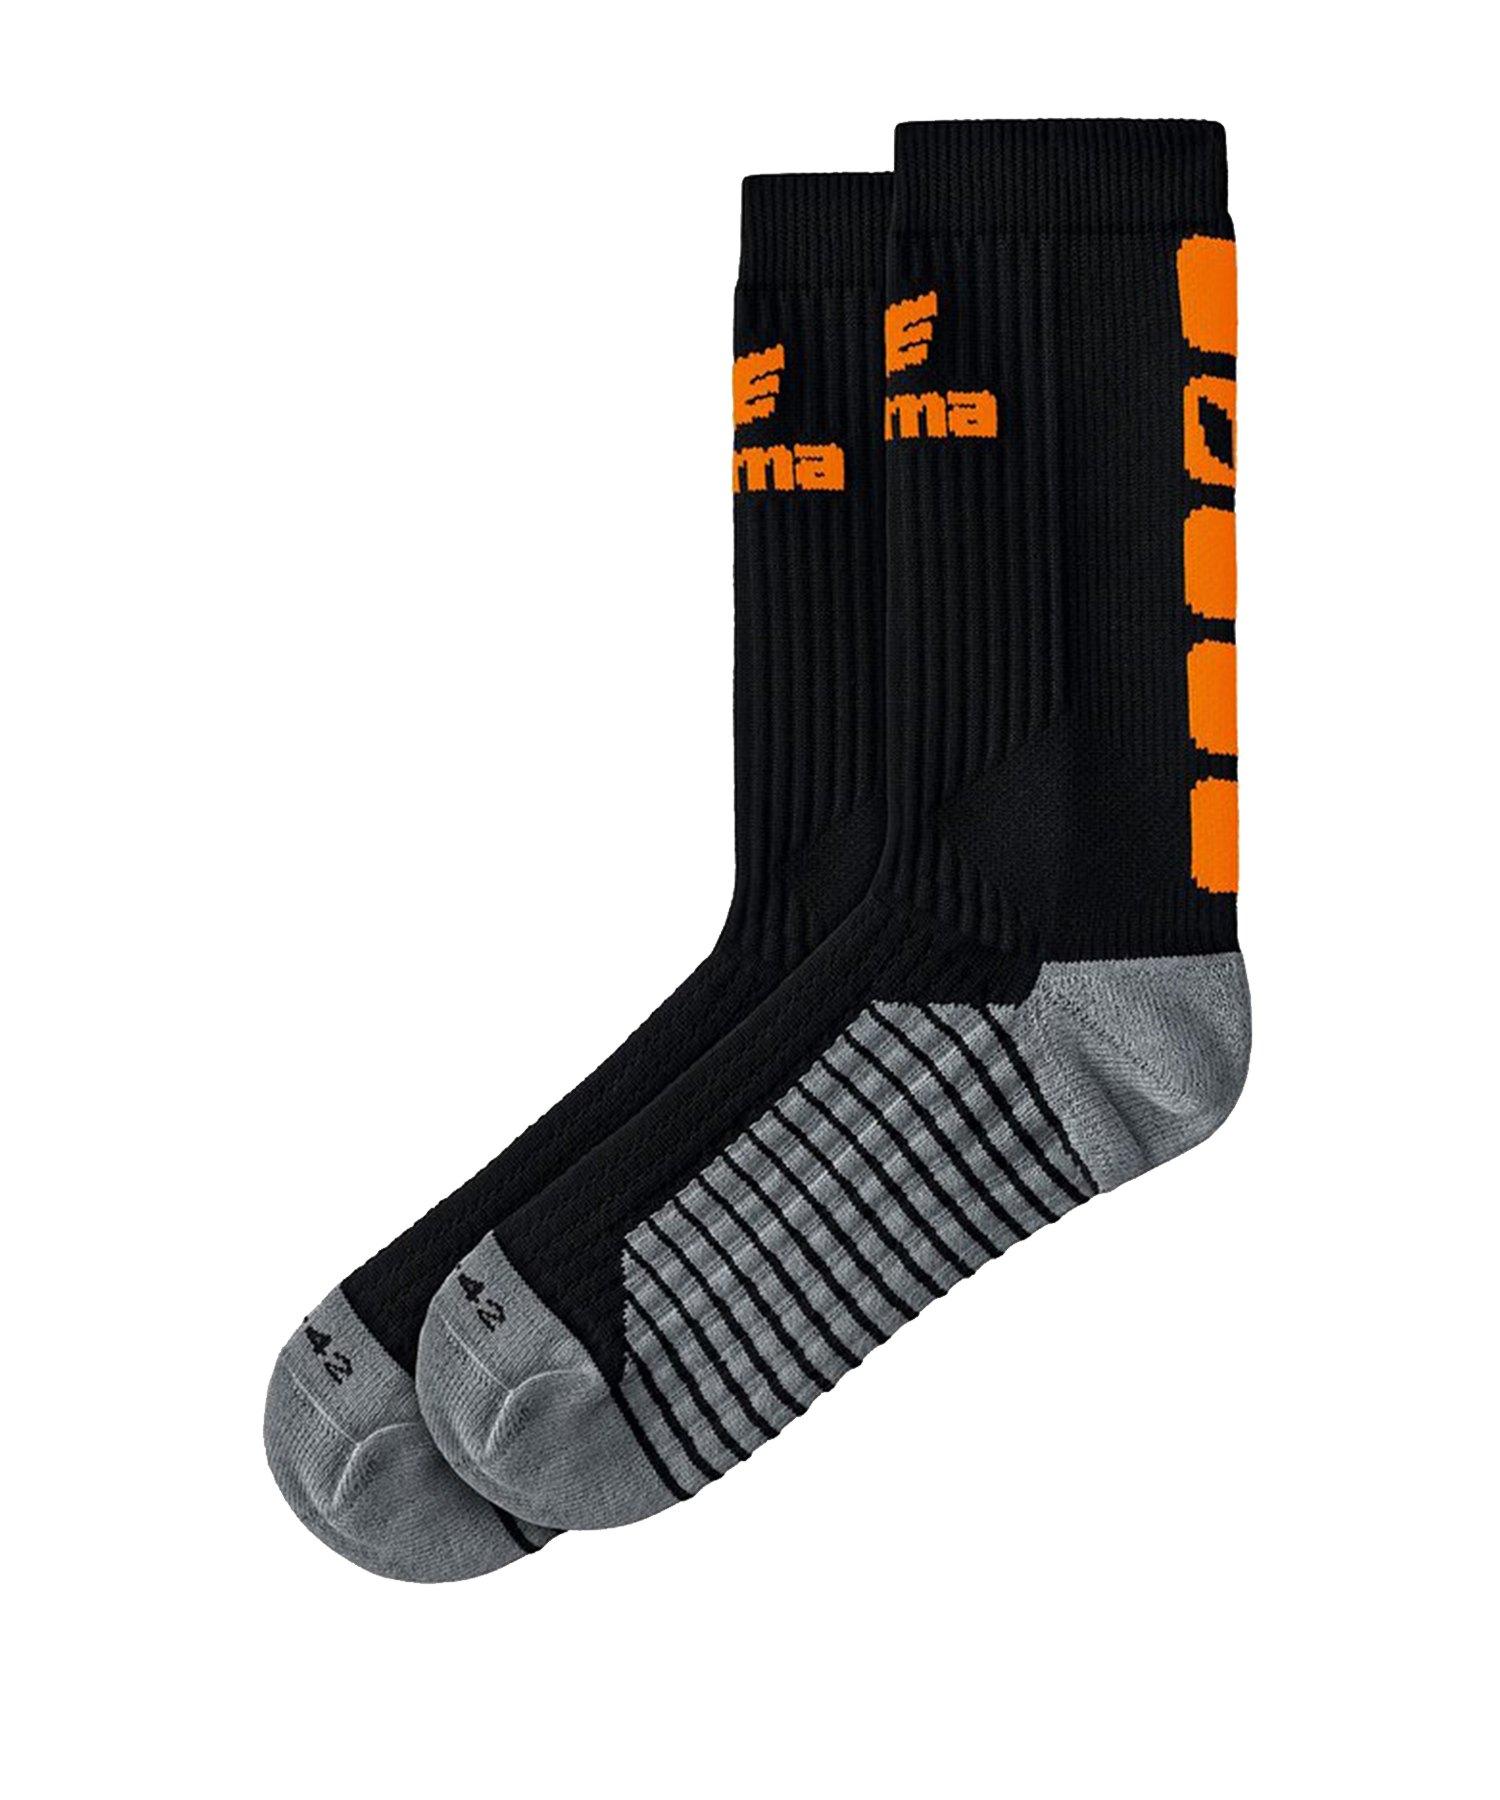 Erima CLASSIC 5-C Socken Schwarz Orange - Schwarz